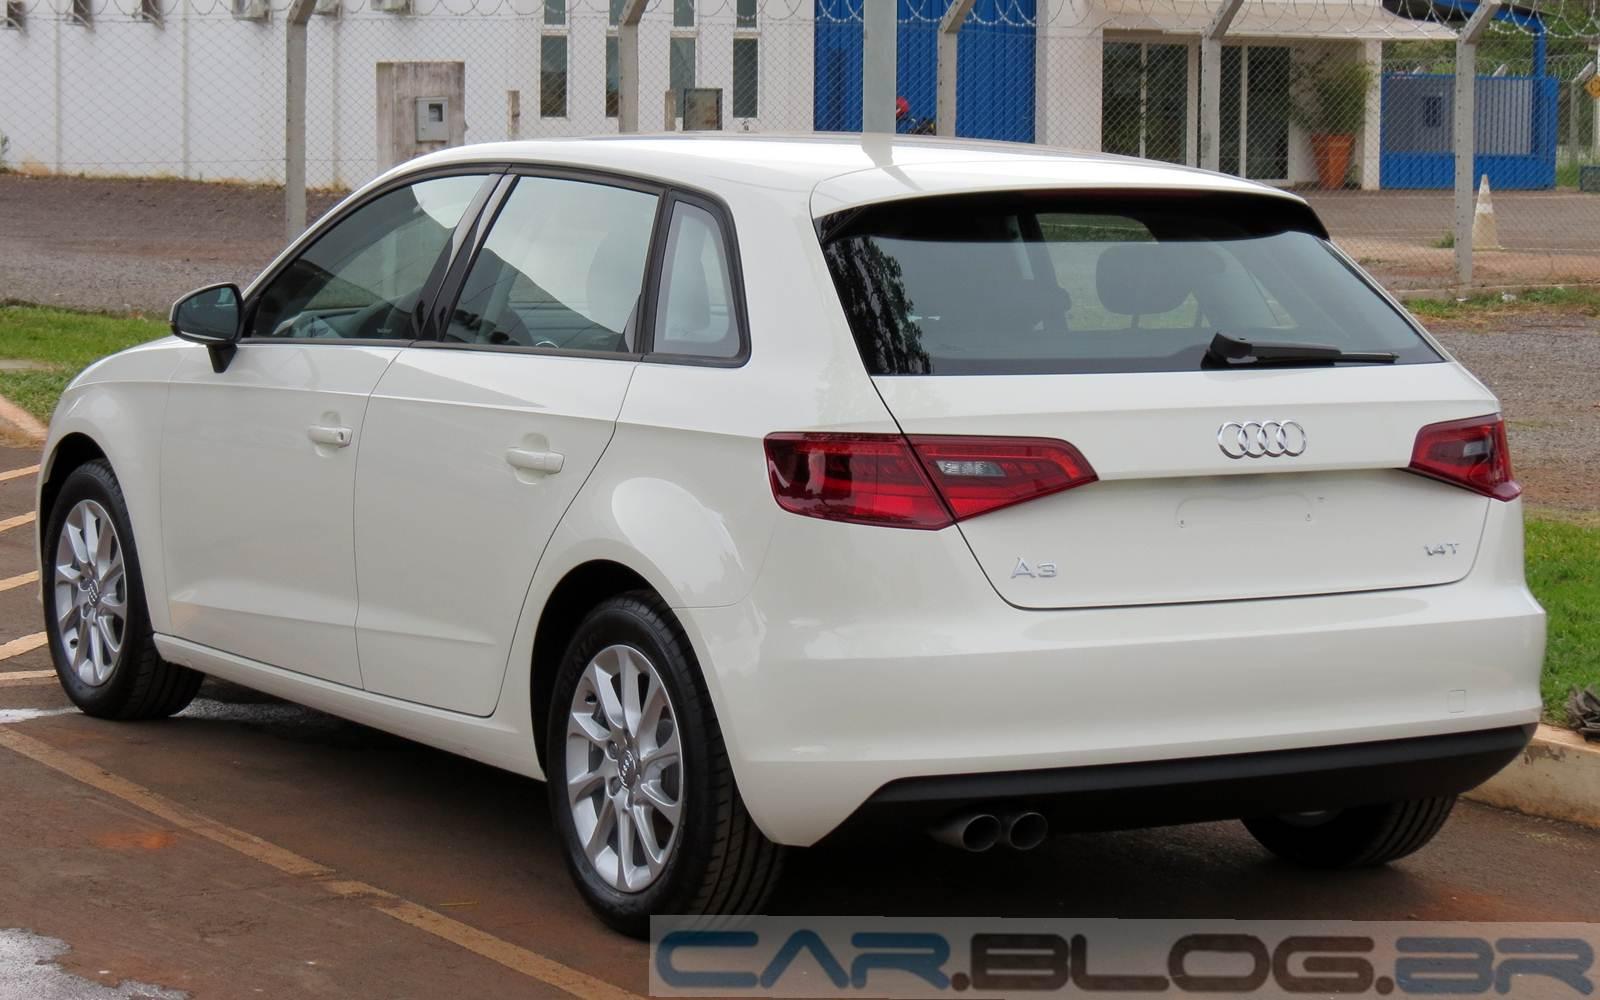 Audi A3 2014 branco